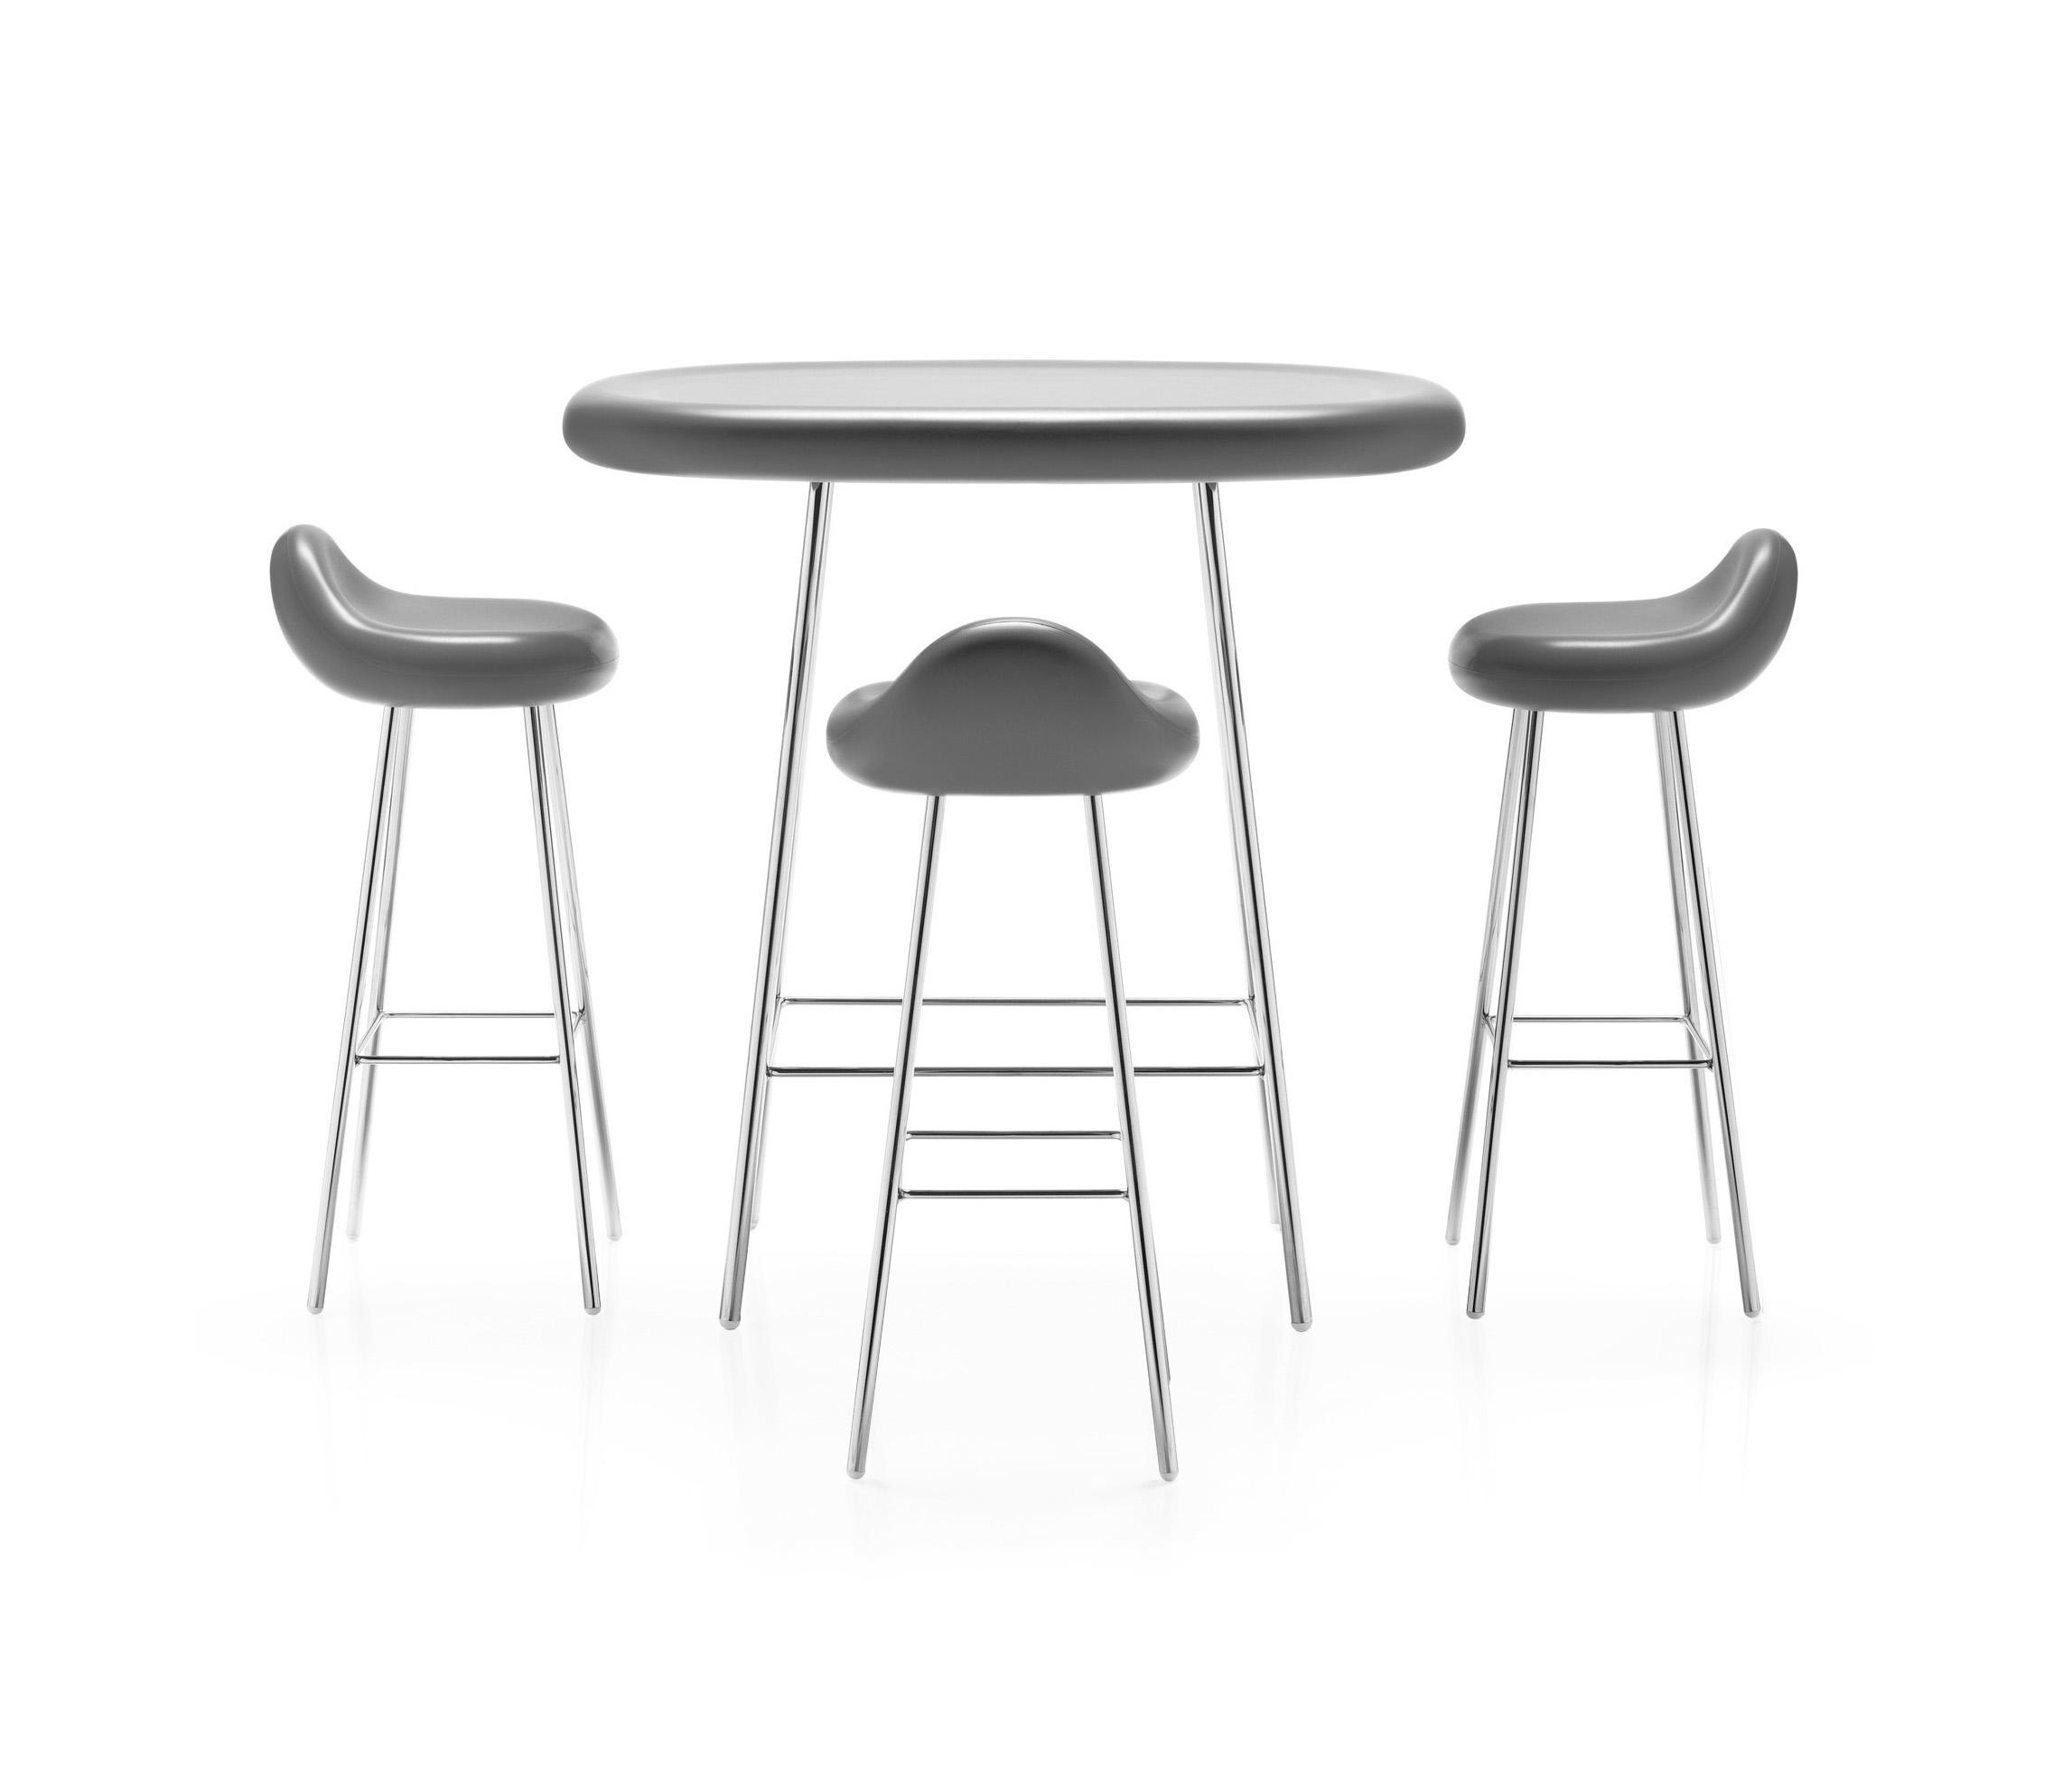 Bloob stool barhocker von estel group architonic for Barhocker englisch